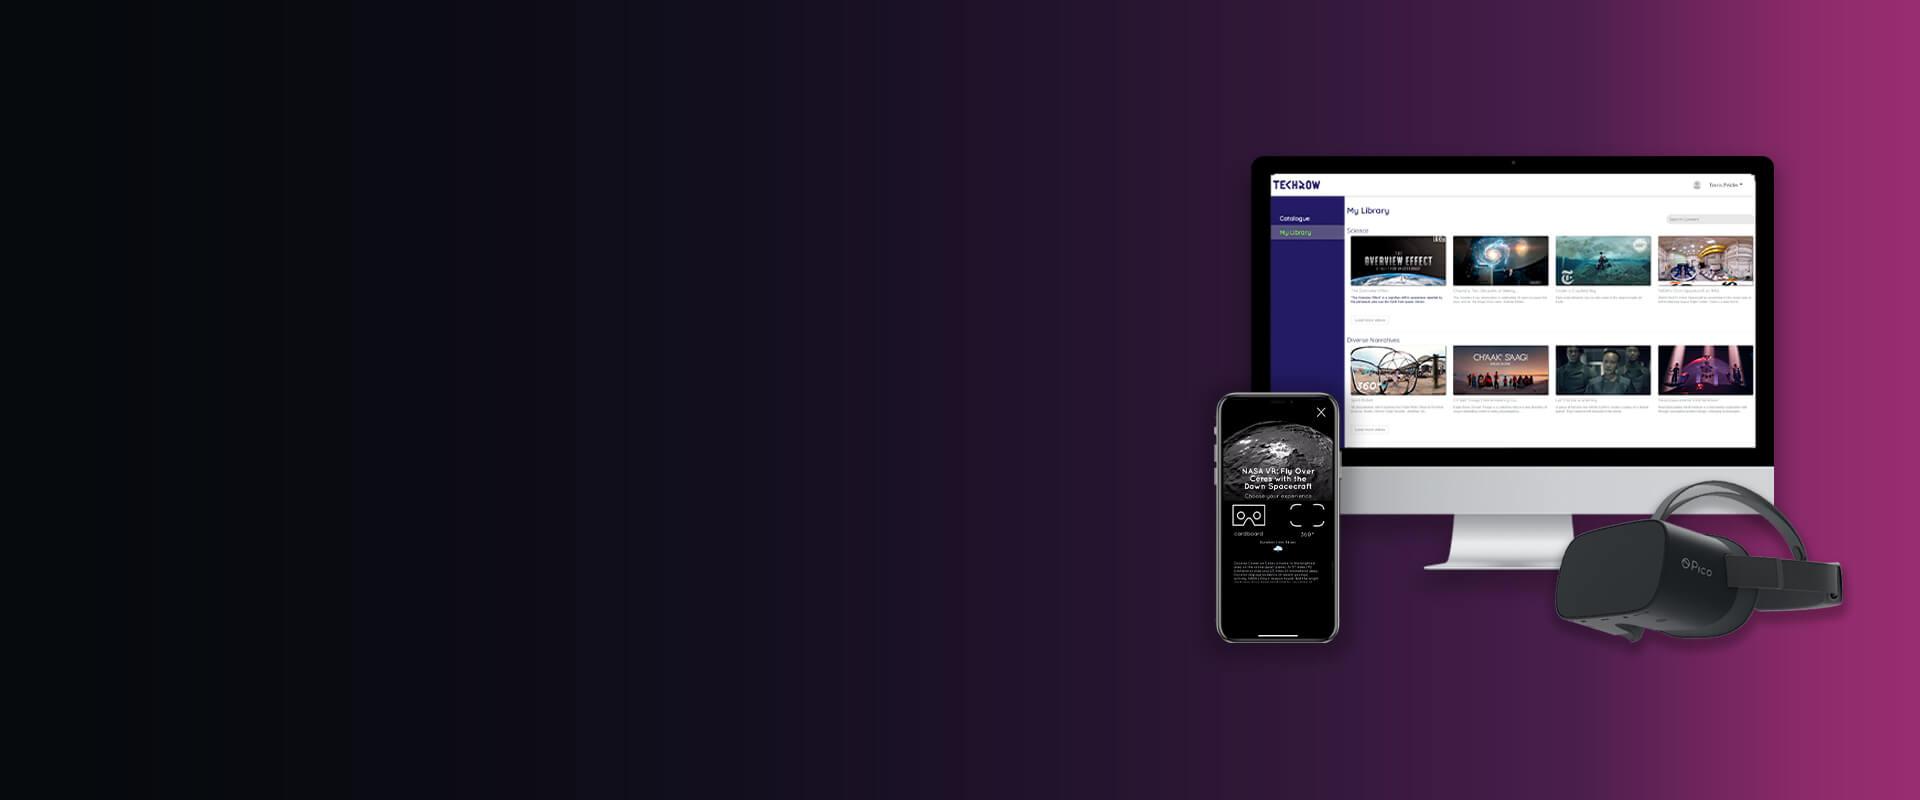 TechRow E-Learning Platform - Visartech Portfolio